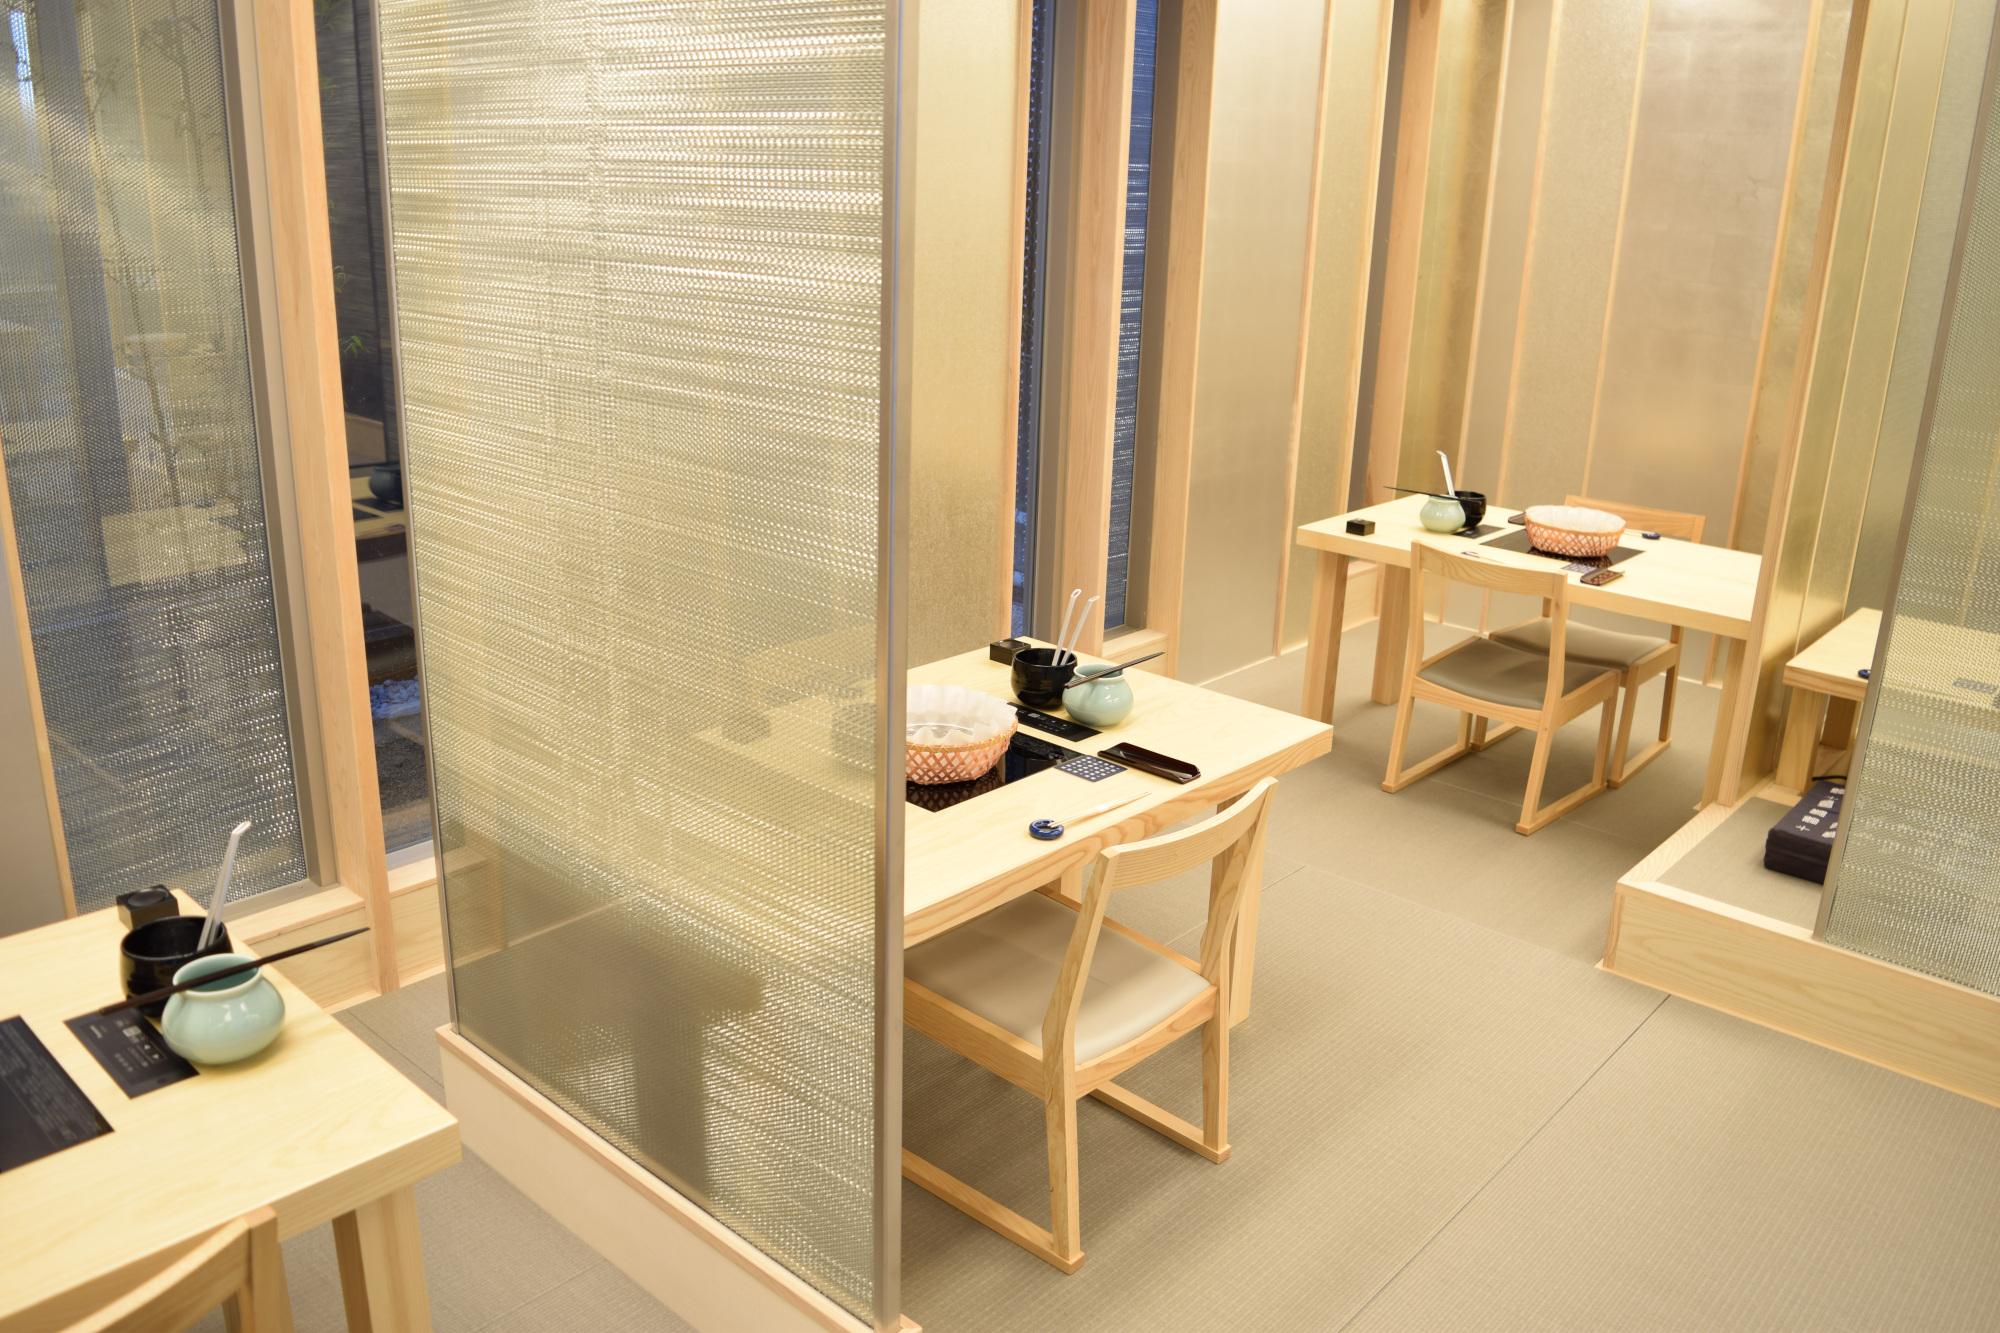 瓢斗,京都駅前本店,京都グルメ,京都,一軒家レストラン,出汁しゃぶ